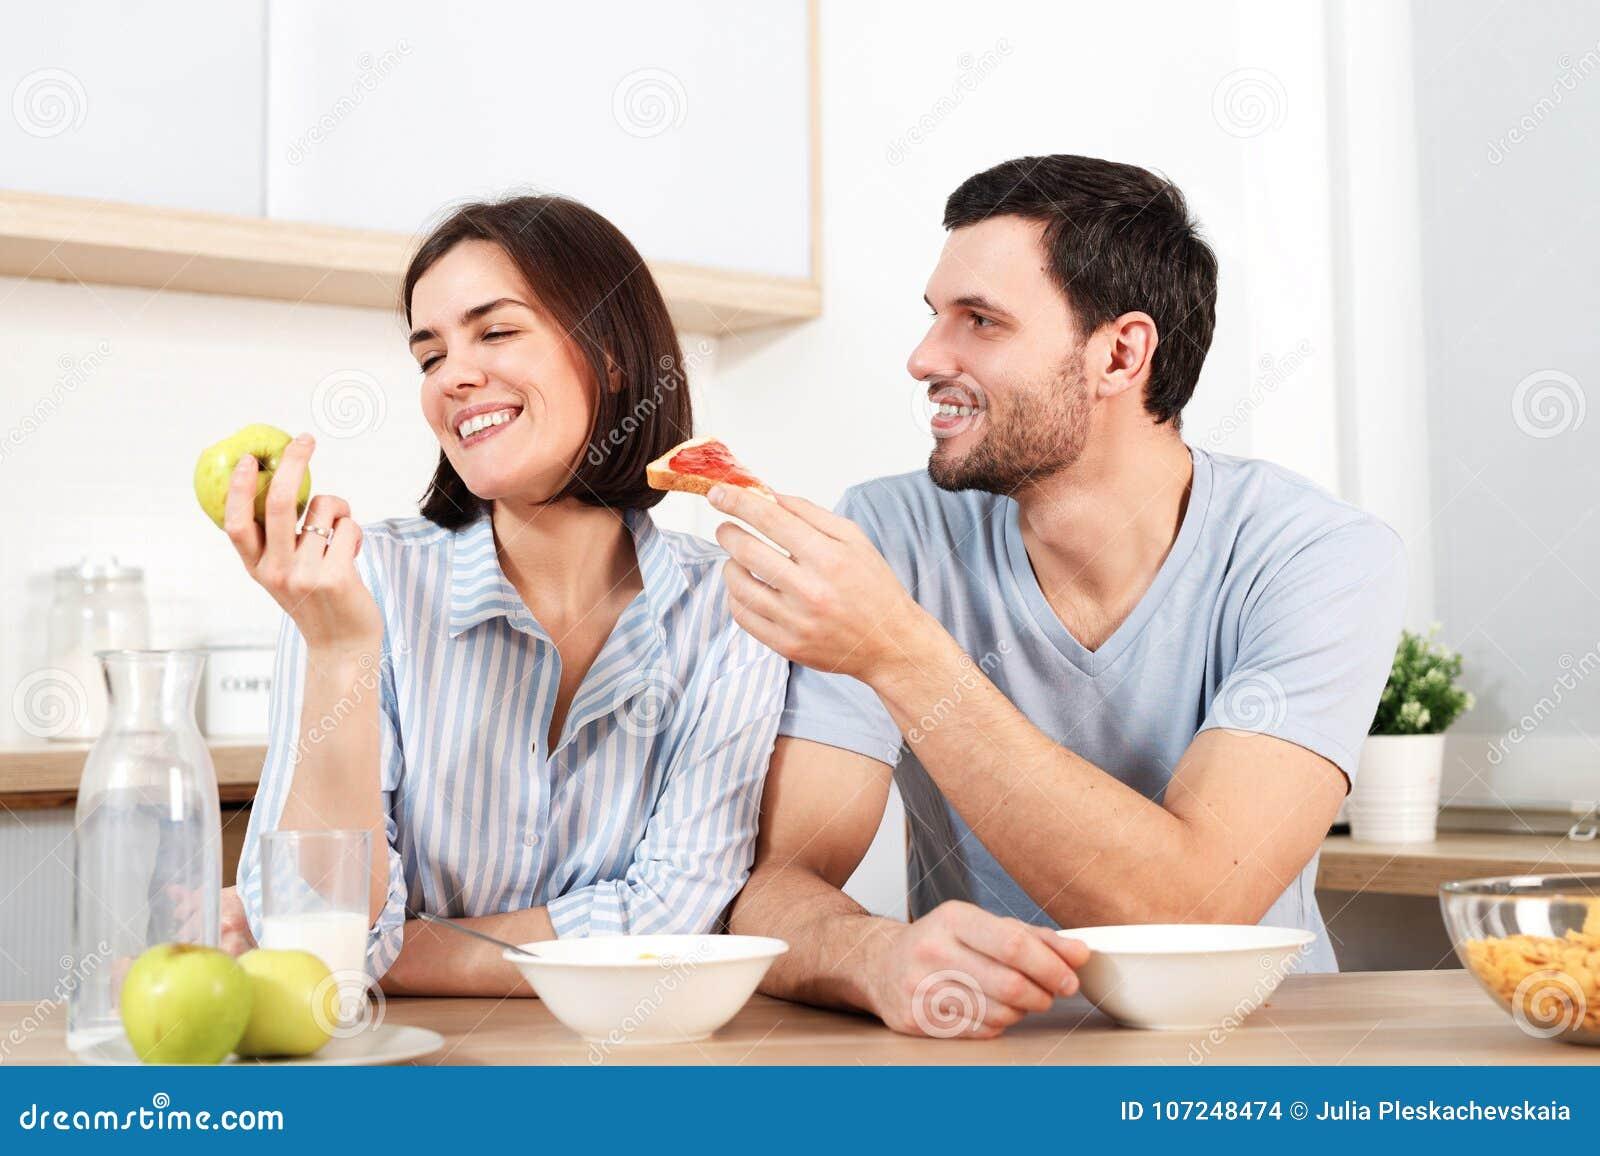 Glückliches Paar verbringen Freizeit, oder Wochenende zusammen an der Küche, schlägt froher Ehemann Frau vor, um Snack zu essen,